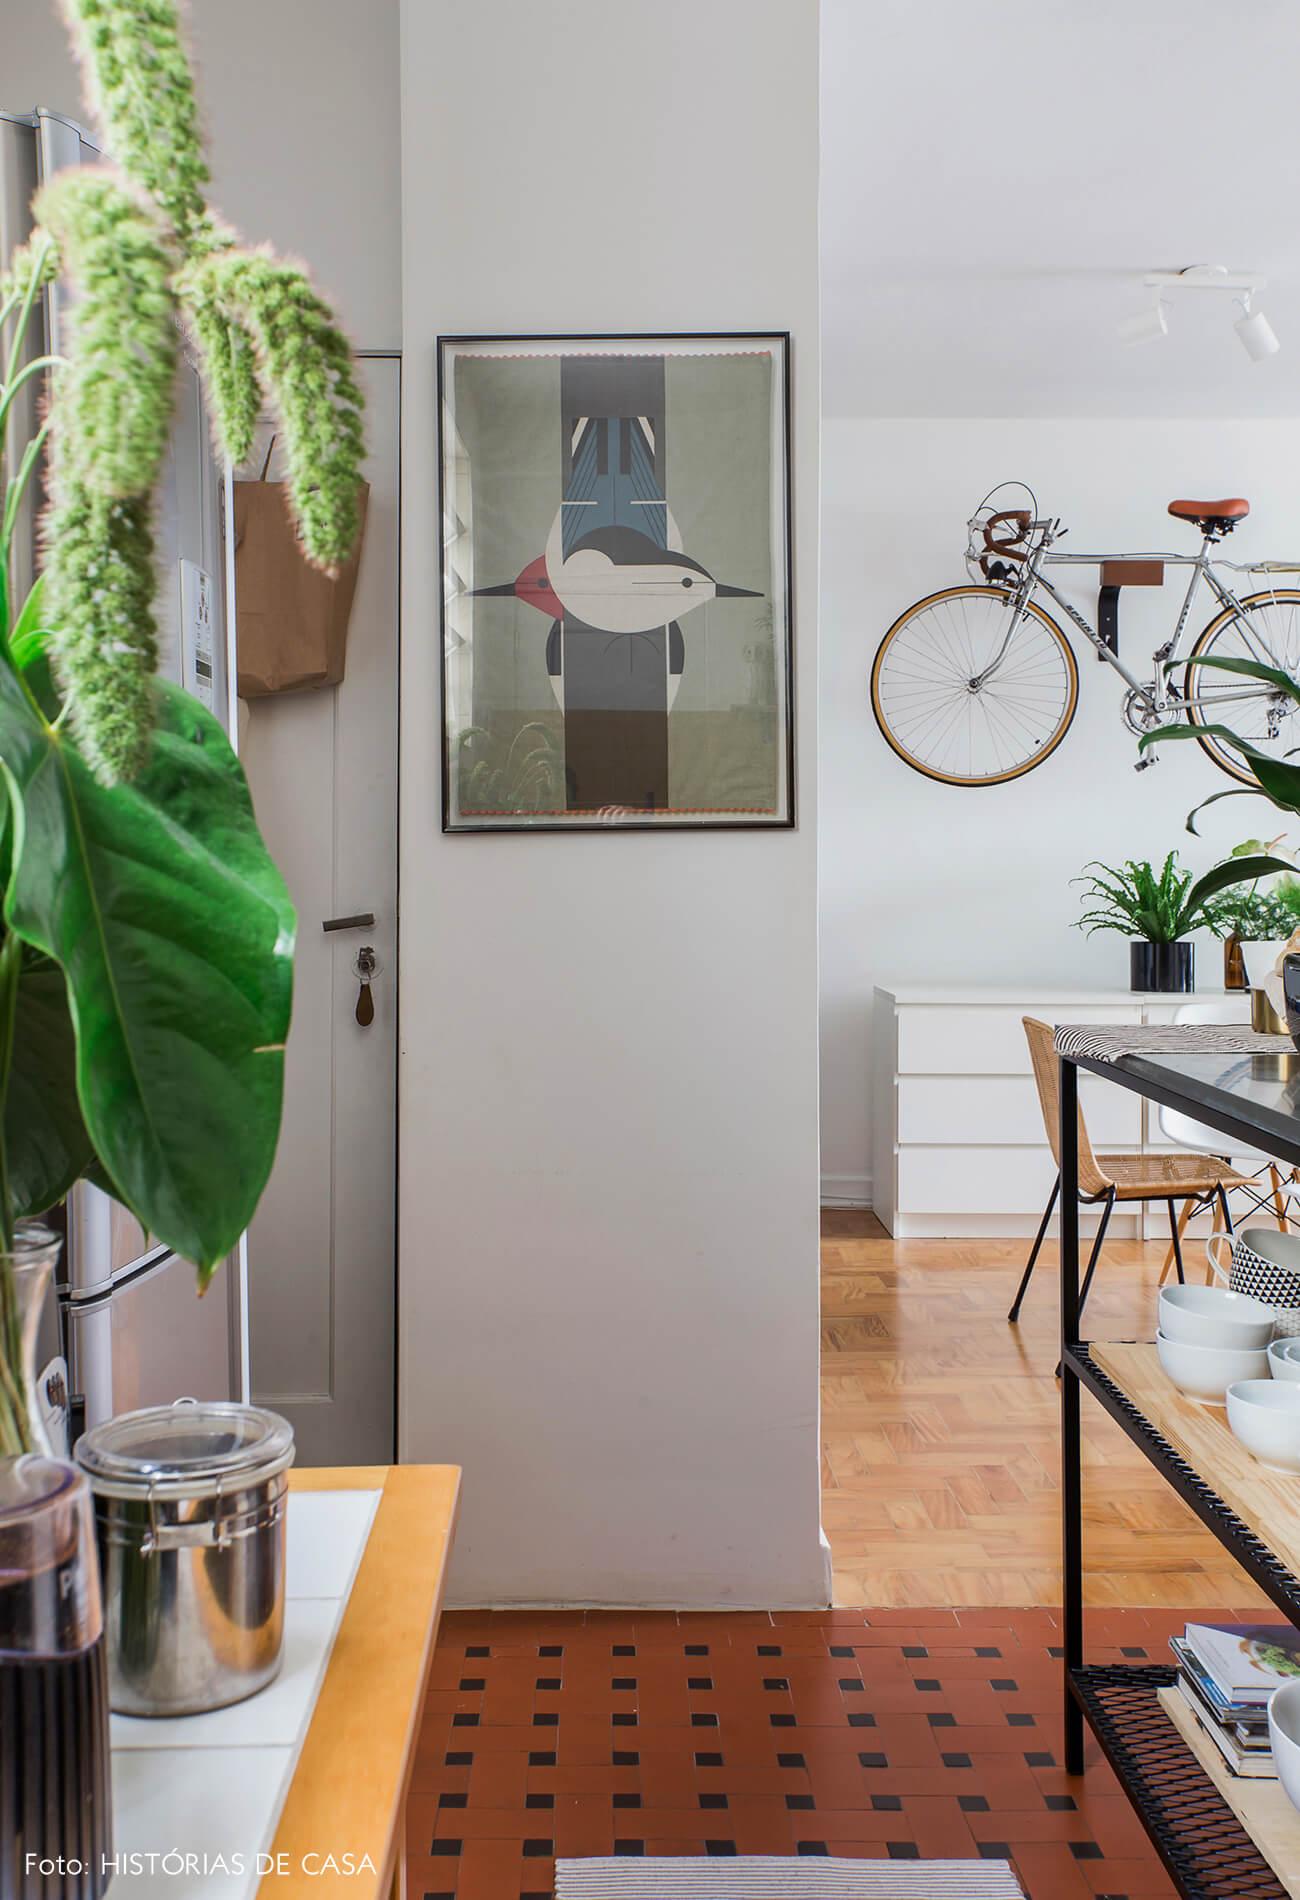 Apê alugado com cozinha de ar industrial